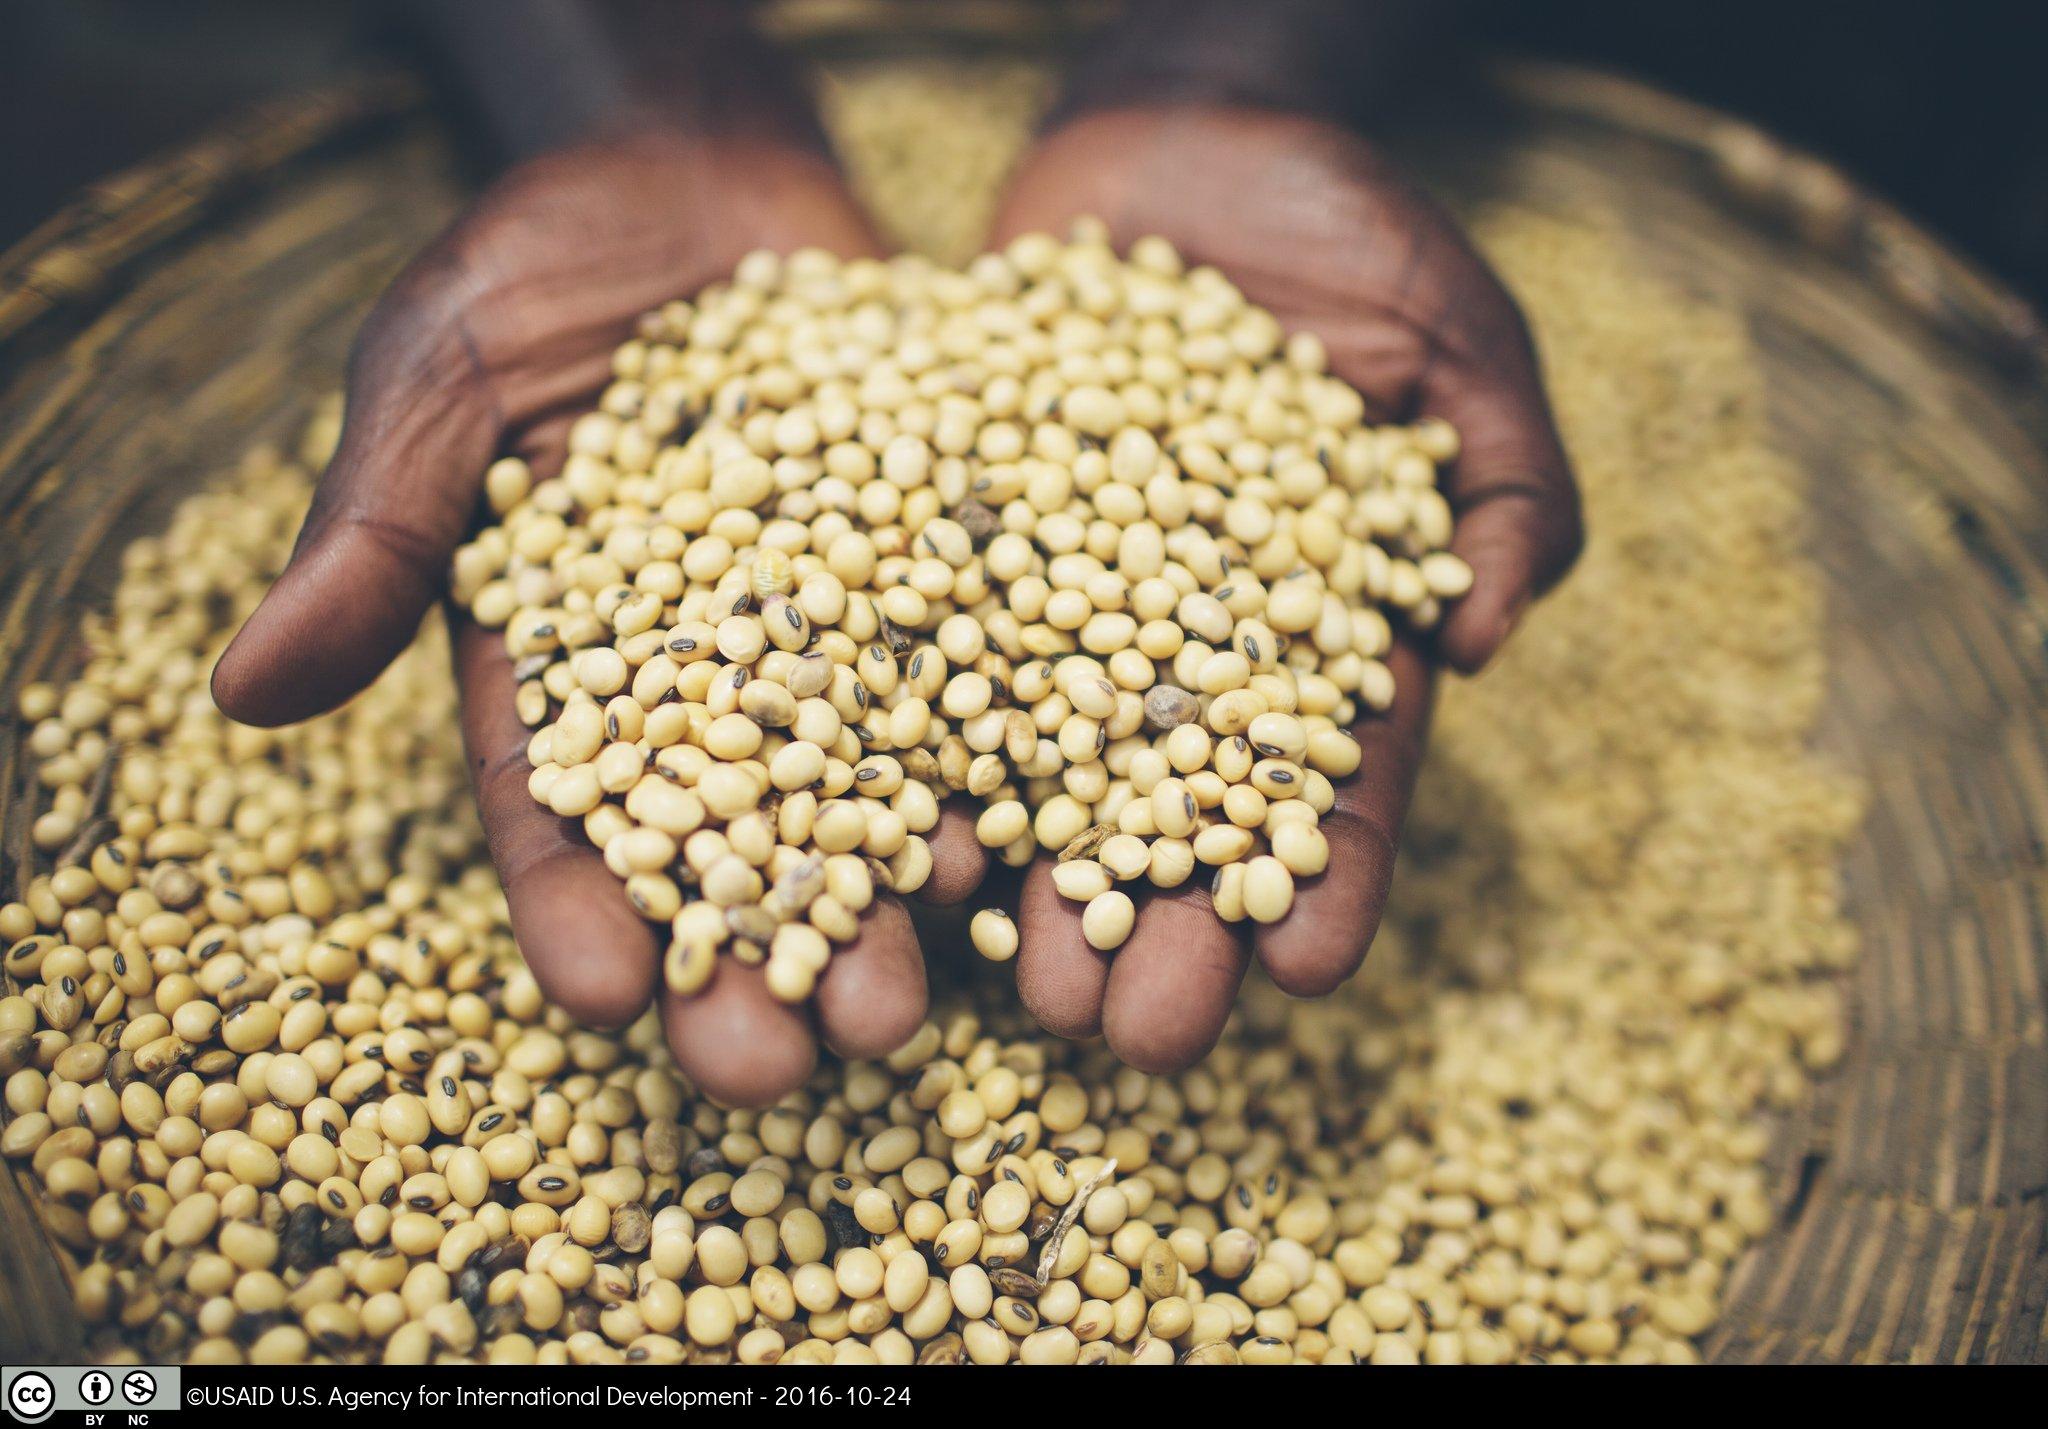 Hands in a barrel of grain